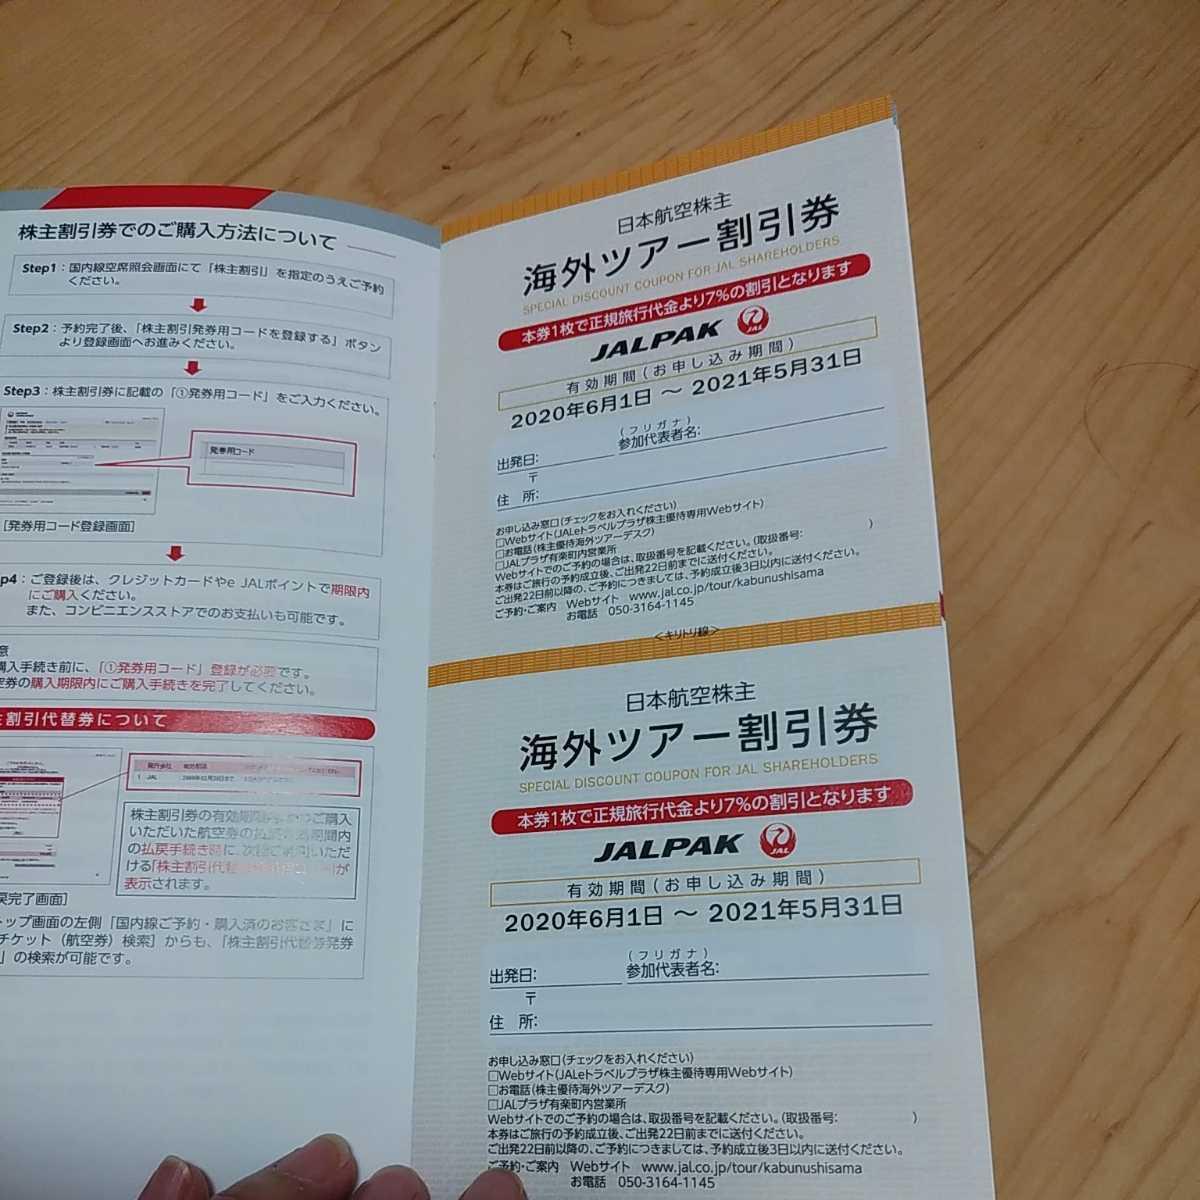 JAL・7%割引・株主優待冊子 JALPAK(ジャルパック)海外・国内ツアー割引券 2021年5月末期限 日本航空_画像3